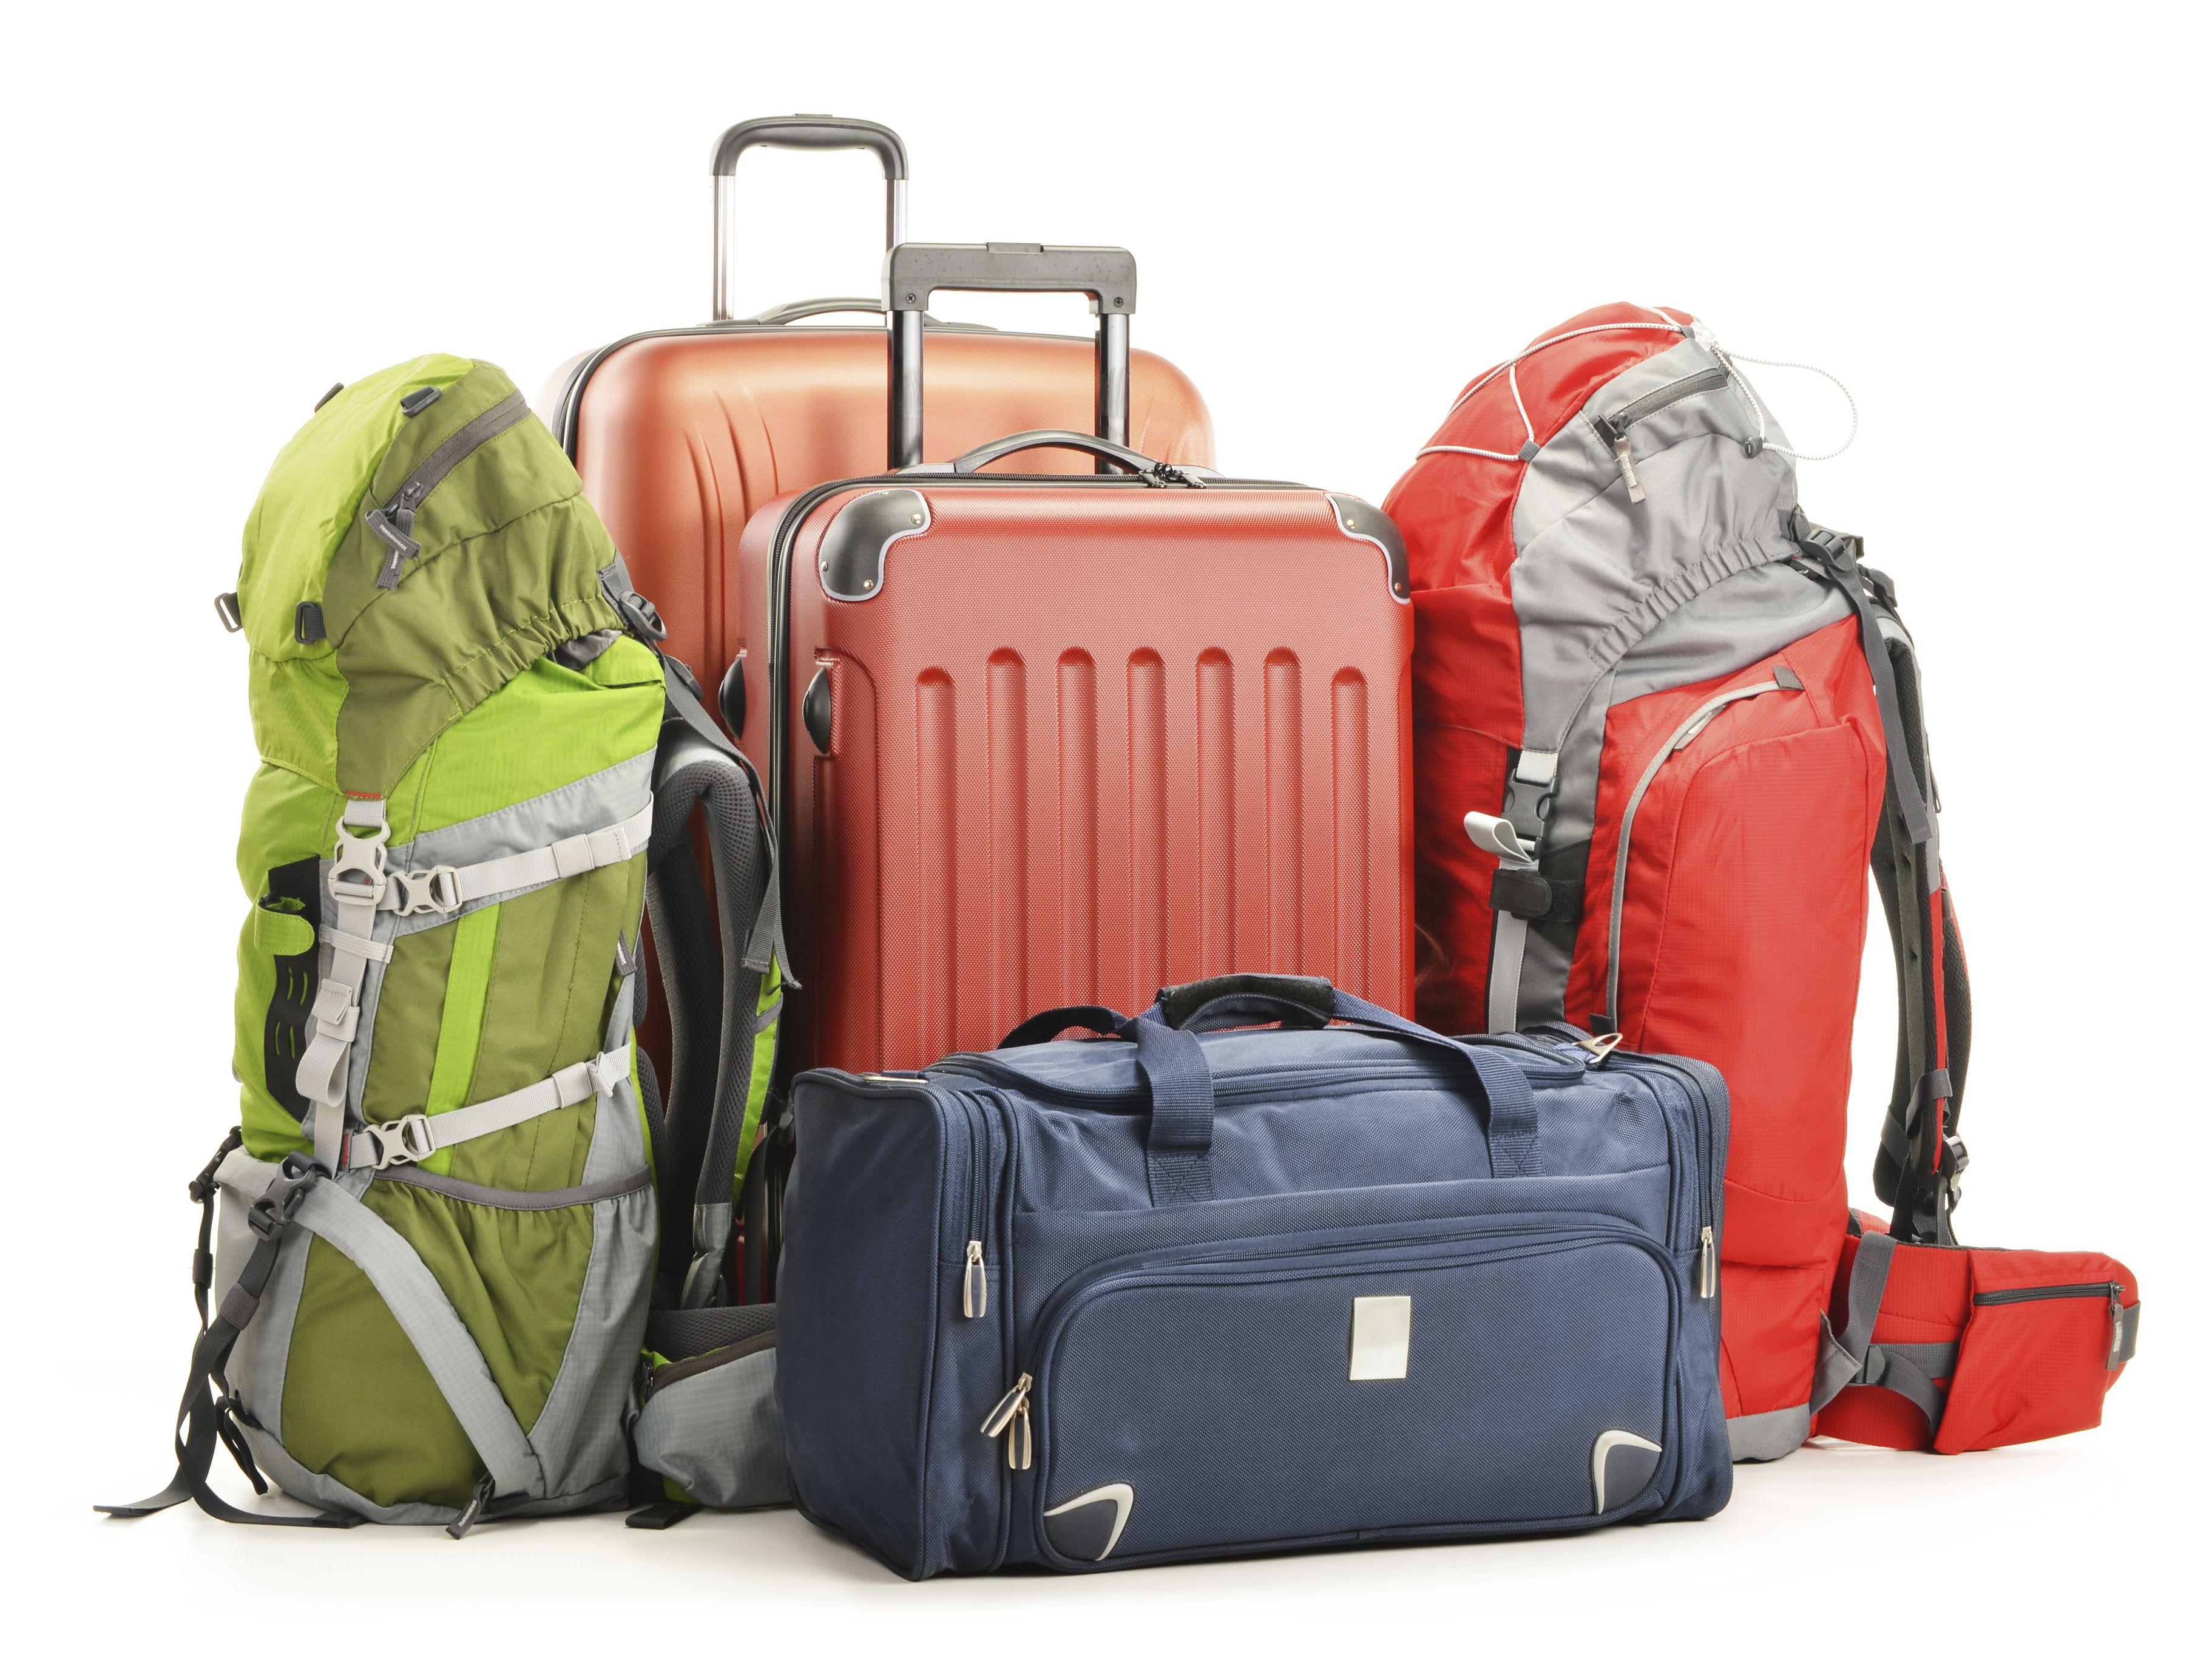 6b18c8b6c0 Valise souple ou valise rigide : 10 conseils pour bien choisir ...